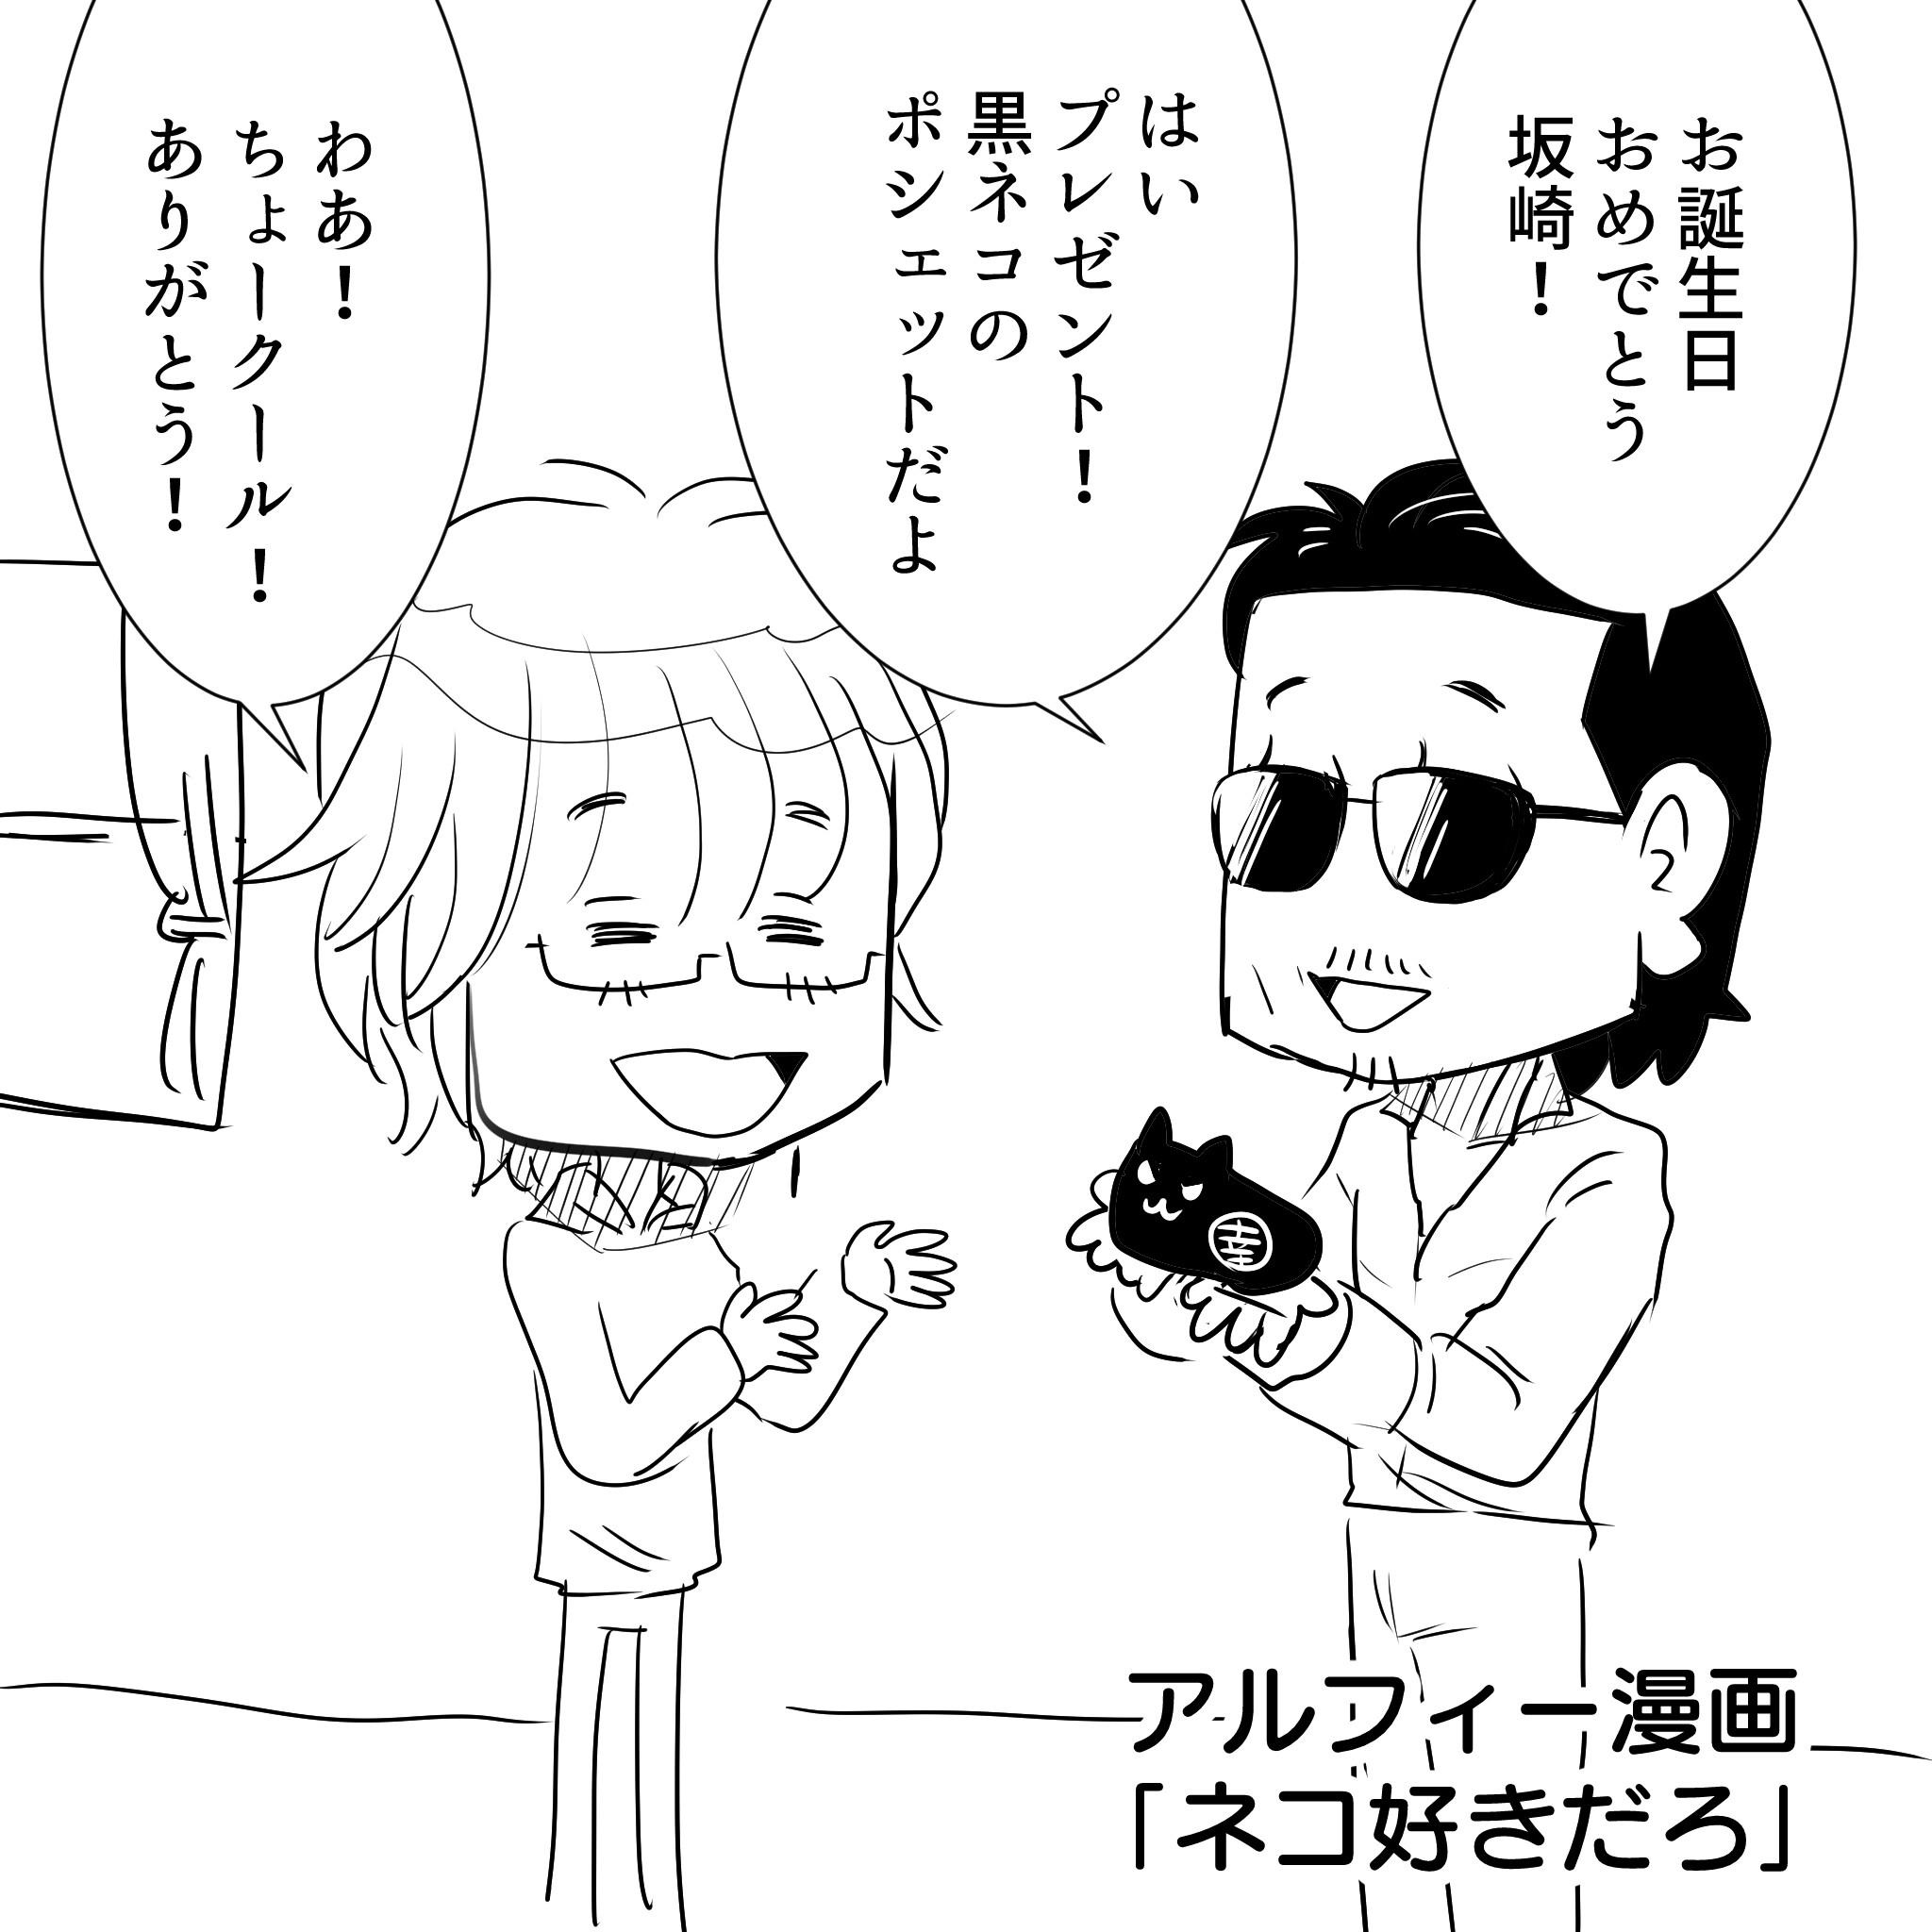 ネコ好きだろ坂崎1